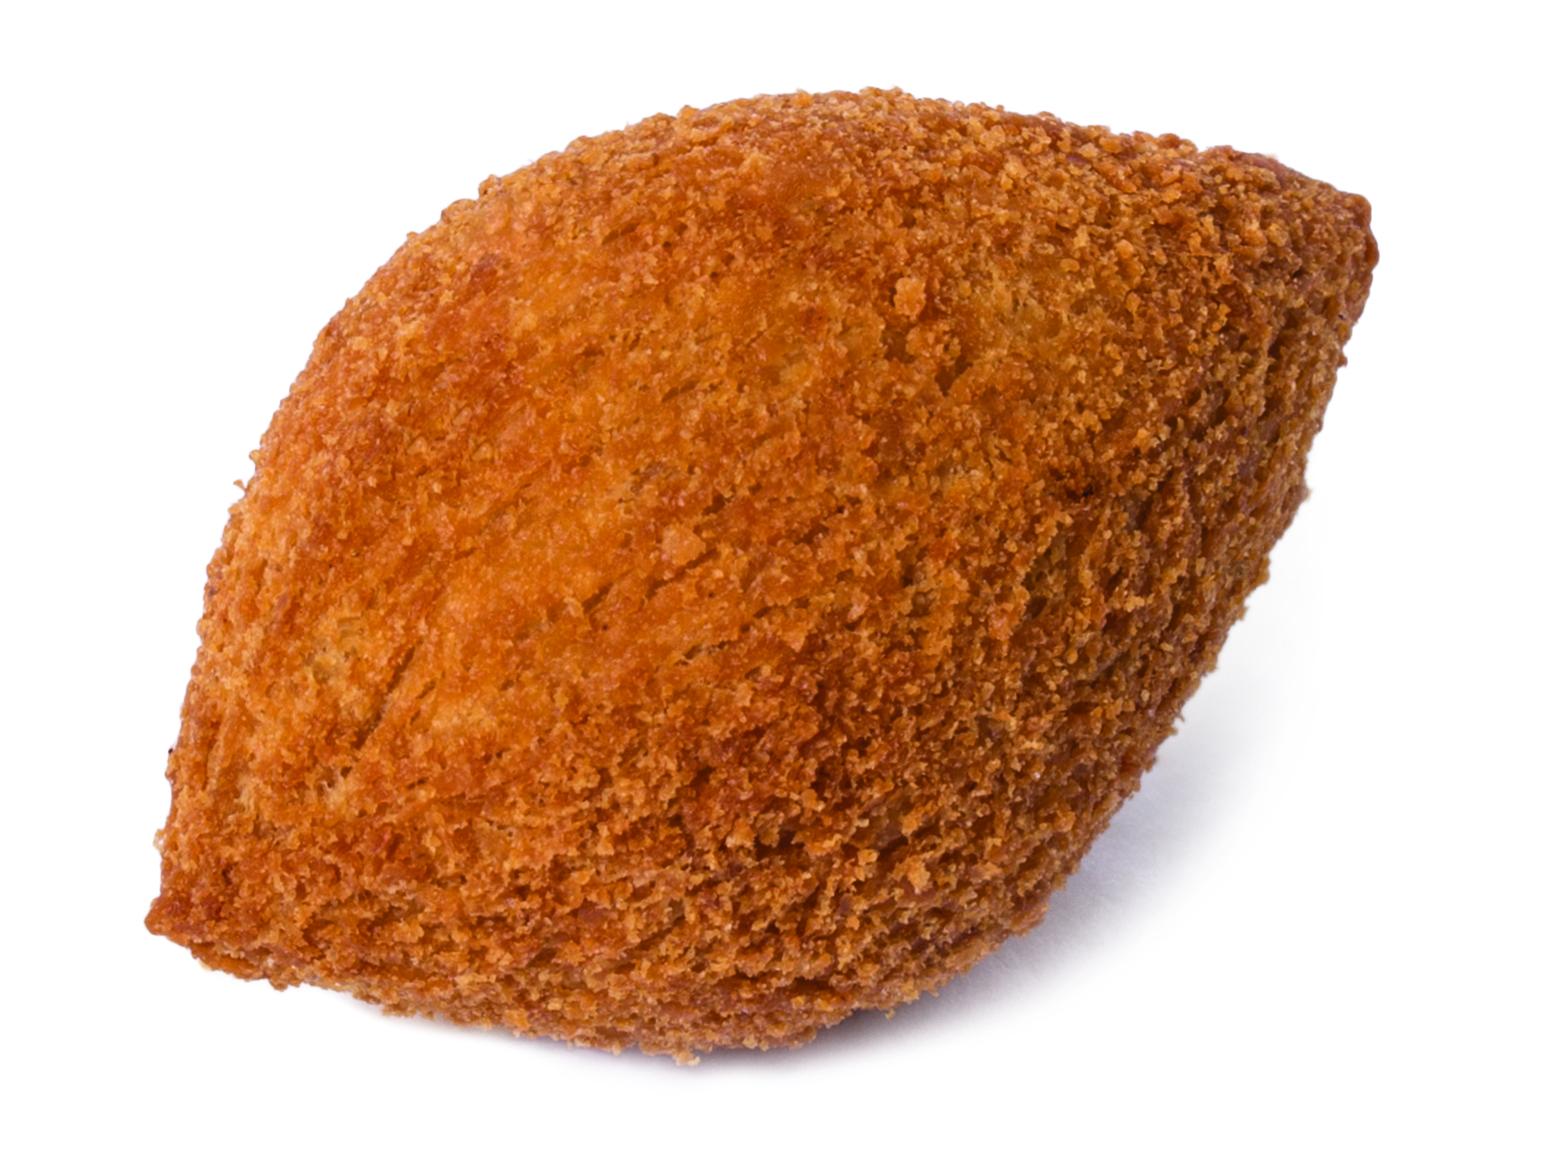 Coquetel - Fritos Coquetel (fritos) - Gota de cheddar